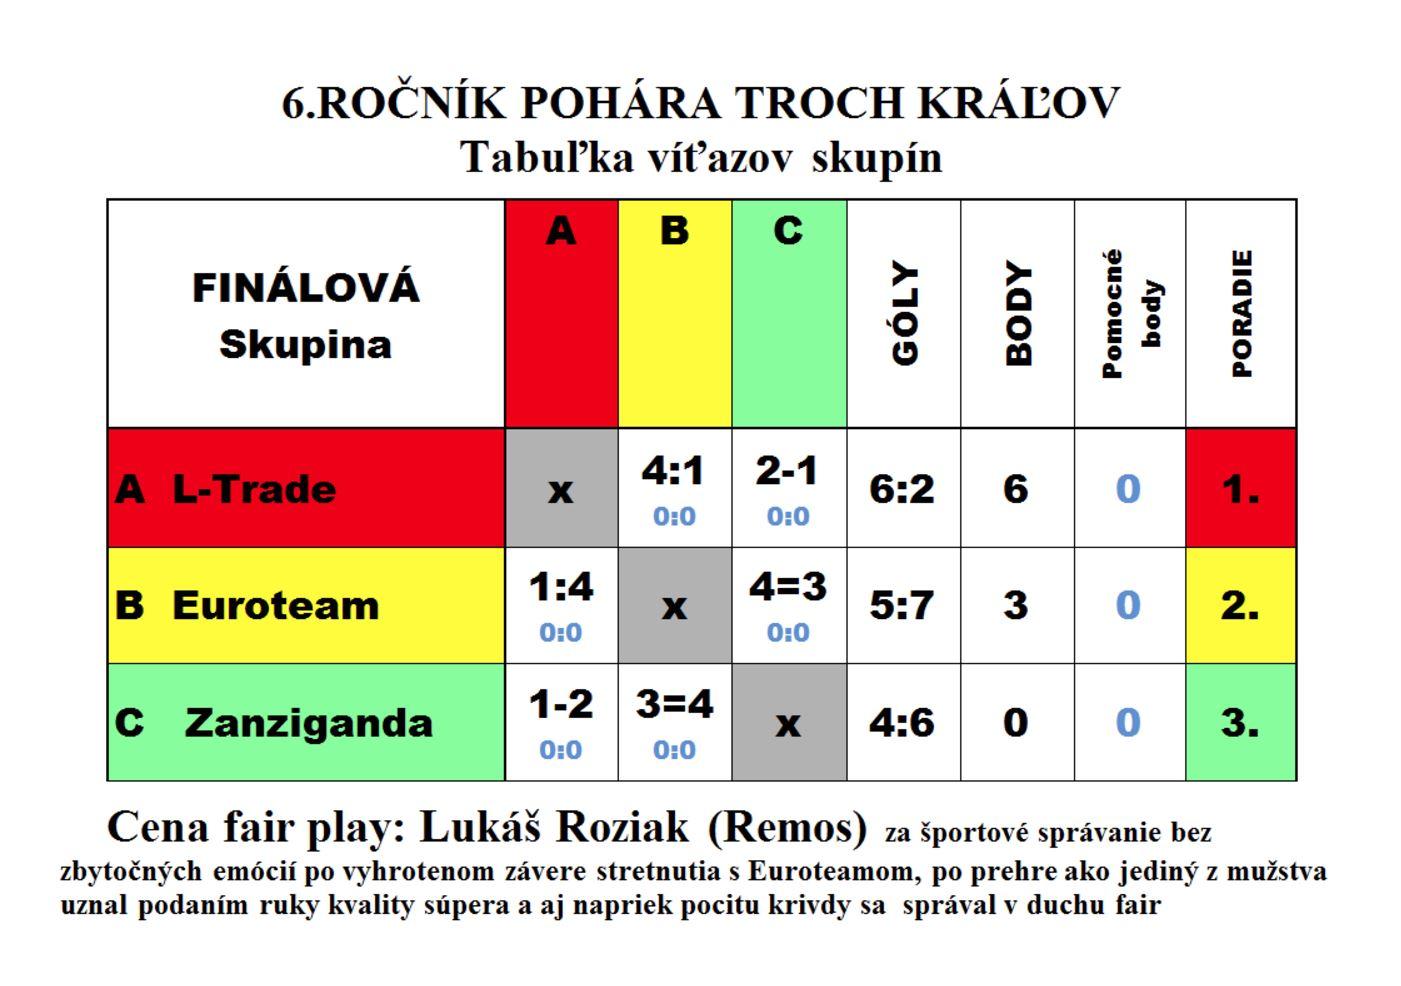 turnaj-troch-kralov-2017-vysledky-3